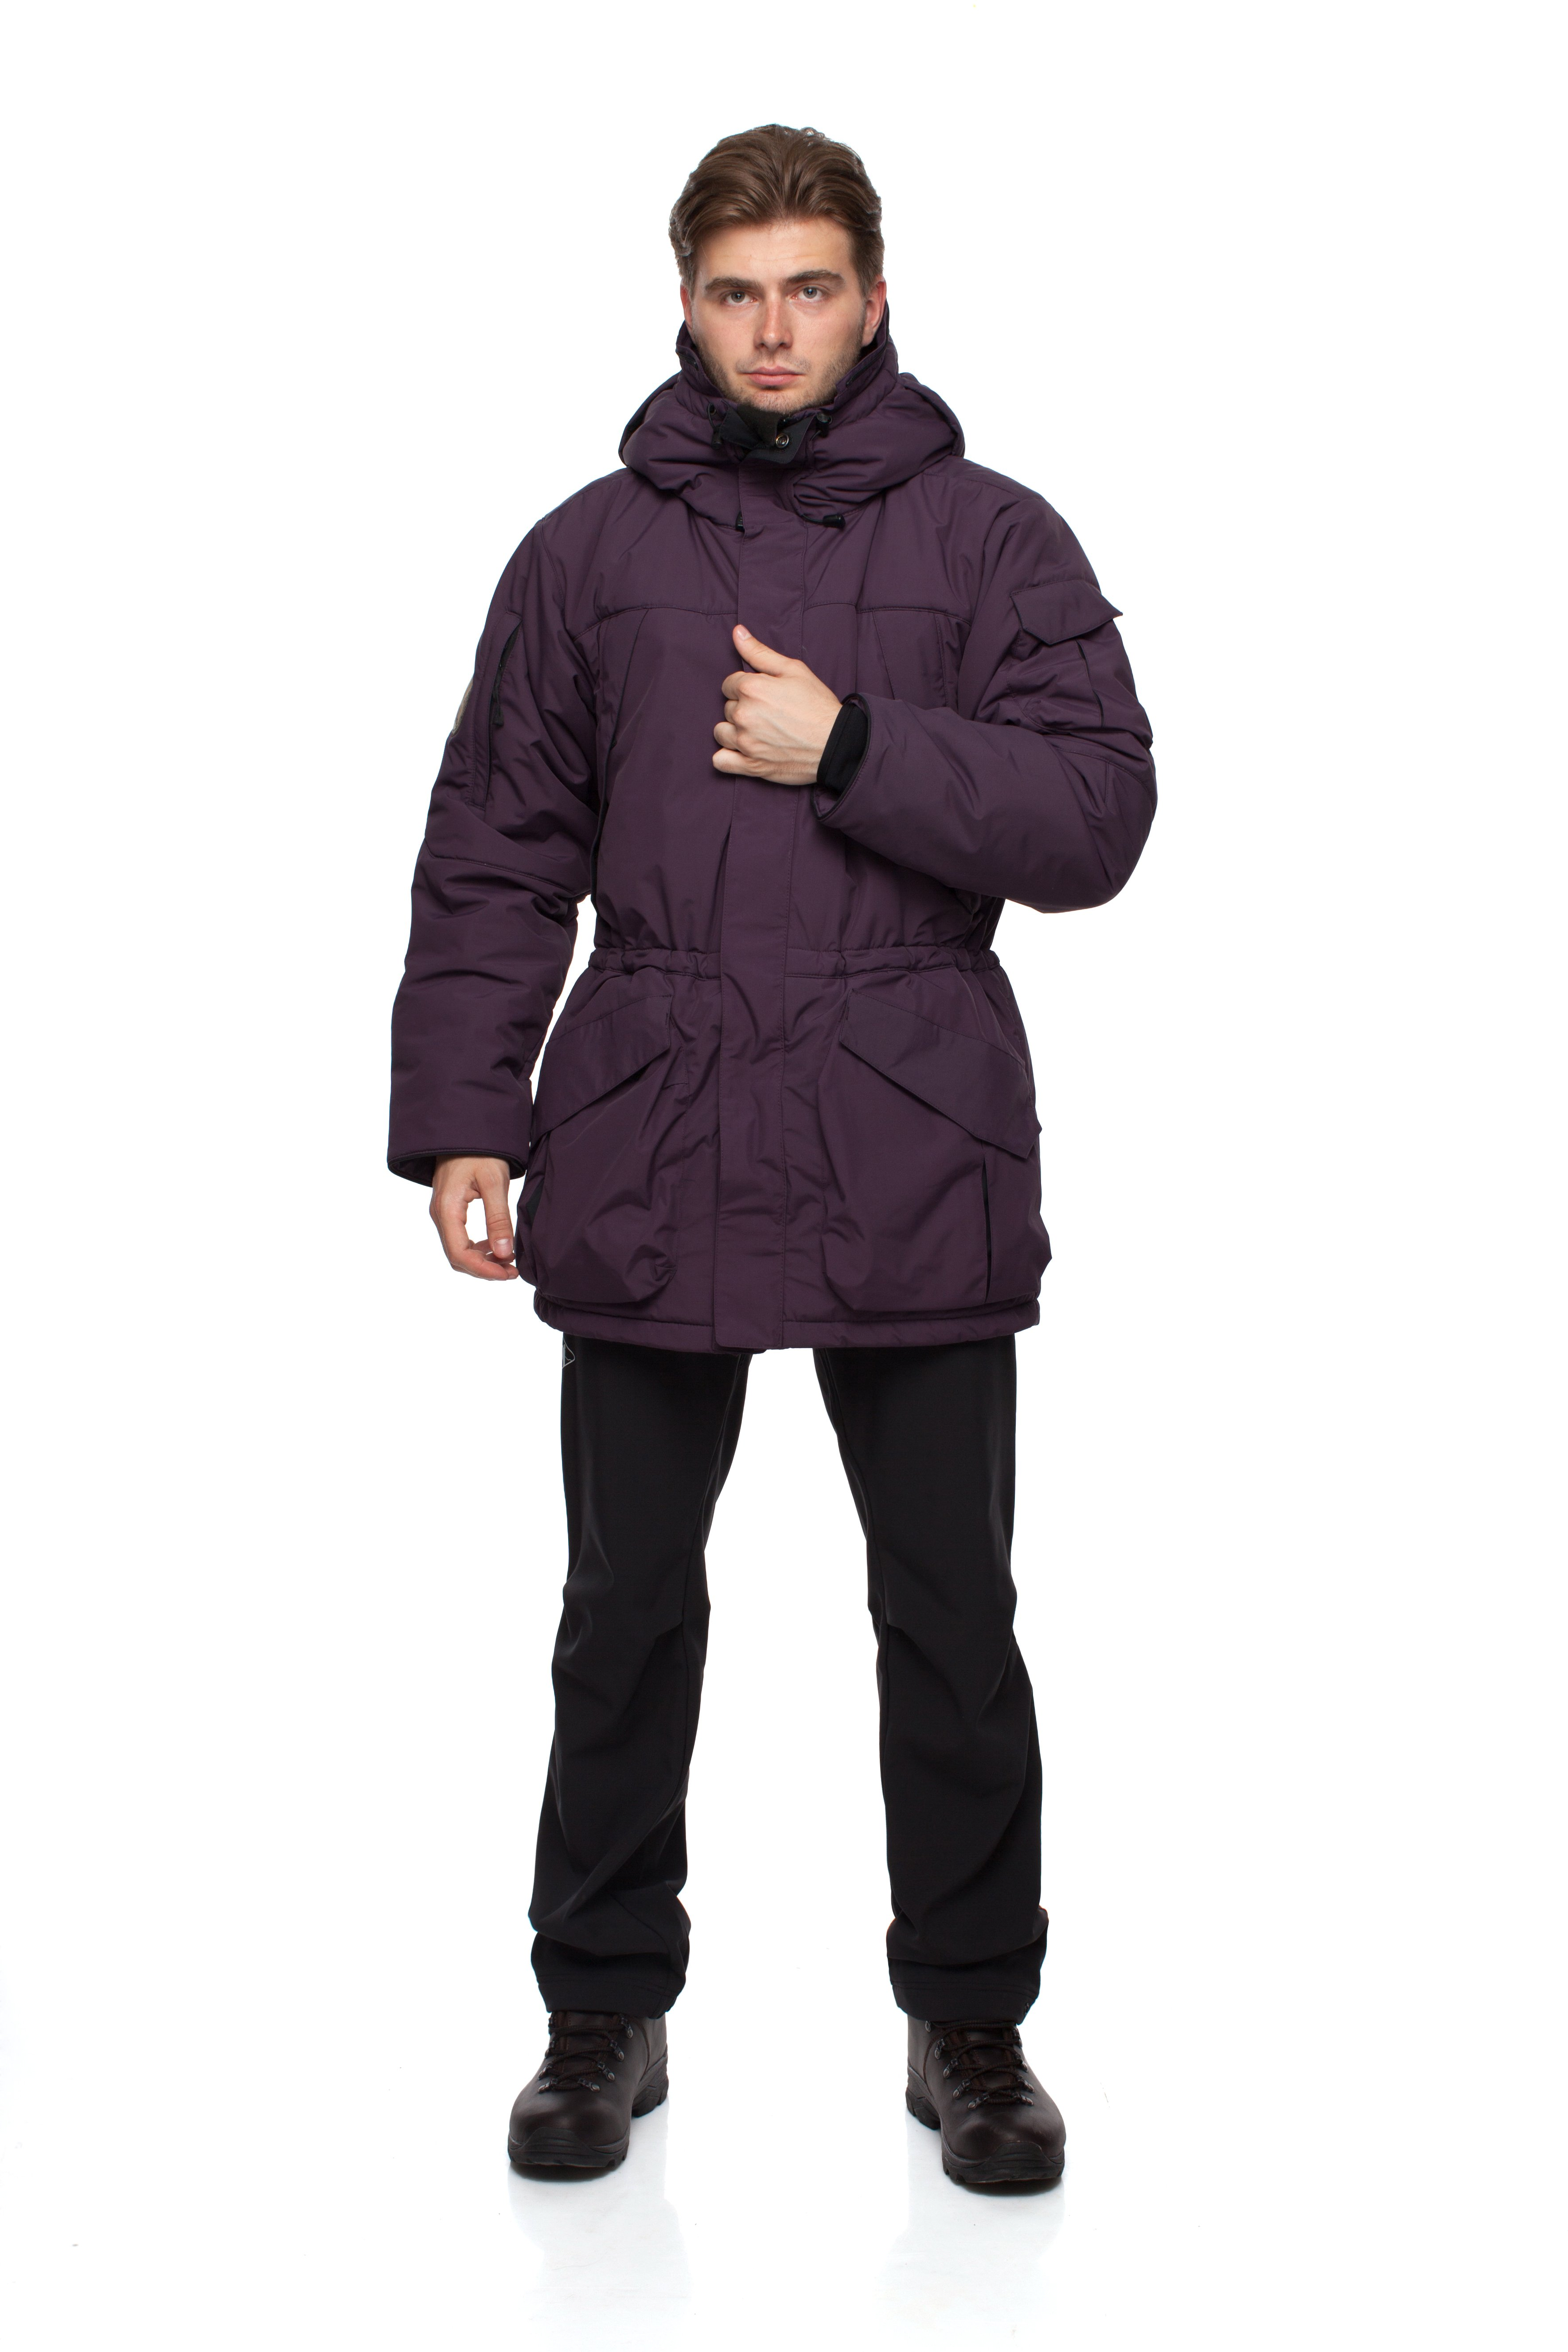 Куртка BASK SHL ANTARCTIC 5243Очень тёплая и практичная зимняя куртка для экстремальных условий.<br><br>Верхняя ткань: Nylon Supplex<br>Вес граммы: 2060<br>Ветро-влагозащитные свойства верхней ткани: Да<br>Ветрозащитная планка: Да<br>Ветрозащитная юбка: Да<br>Влагозащитные молнии: Нет<br>Внутренние манжеты: Да<br>Внутренняя ткань: Resist-DT®<br>Водонепроницаемость: 3000<br>Дублирующий центральную молнию клапан: Да<br>Защитный козырёк капюшона: Нет<br>Капюшон: несъемный<br>Карман для средств связи: Нет<br>Количество внешних карманов: 6<br>Количество внутренних карманов: 4<br>Мембрана: да<br>Объемный крой локтевой зоны: Нет<br>Отстёгивающиеся рукава: Нет<br>Паропроницаемость: 3000<br>Пол: Муж.<br>Проклейка швов: Нет<br>Регулировка манжетов рукавов: Нет<br>Регулировка низа: Нет<br>Регулировка объёма капюшона: Да<br>Регулировка талии: Да<br>Регулируемые вентиляционные отверстия: Нет<br>Световозвращающая лента: Нет<br>Температурный режим: -30<br>Технология Thermal Welding: Нет<br>Технология швов: простые<br>Тип молнии: двухзамковая<br>Тип утеплителя: синтетический<br>Ткань усиления: нет<br>Усиление контактных зон: Нет<br>Утеплитель: ShelterSport ®<br>Размер RU: 46<br>Цвет: КРАСНЫЙ